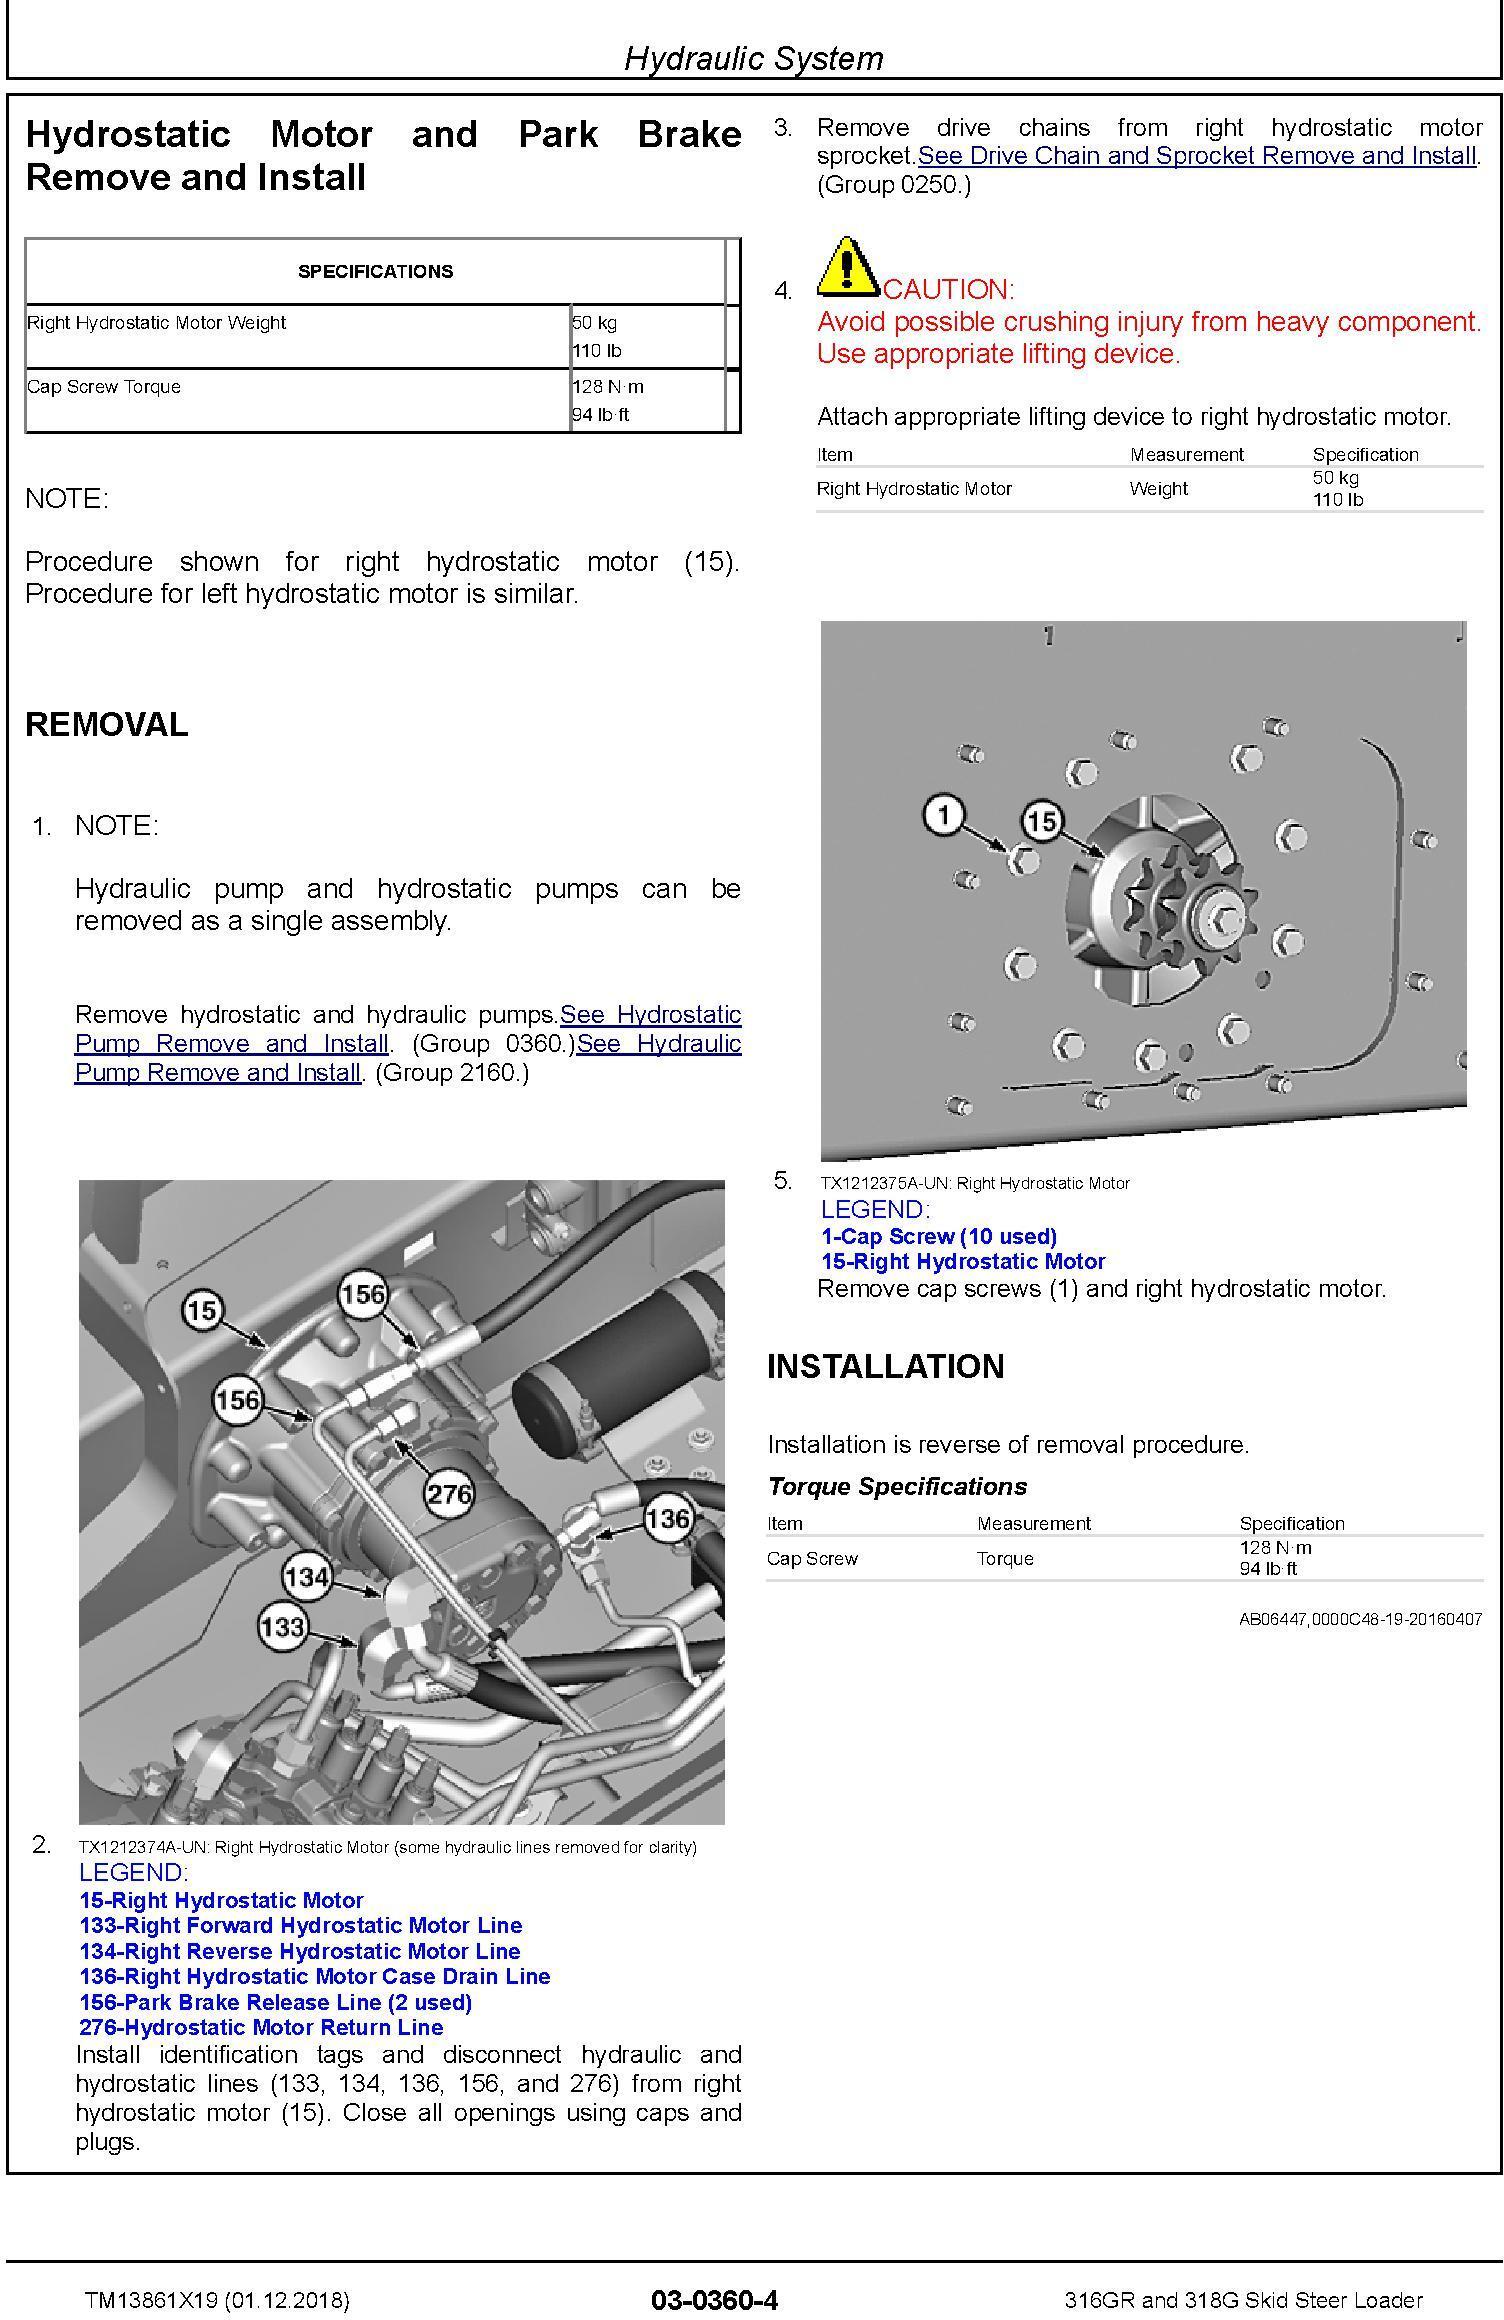 John Deere 316GR and 318G Skid Steer Loader Repair Service Manual (TM13861X19) - 1